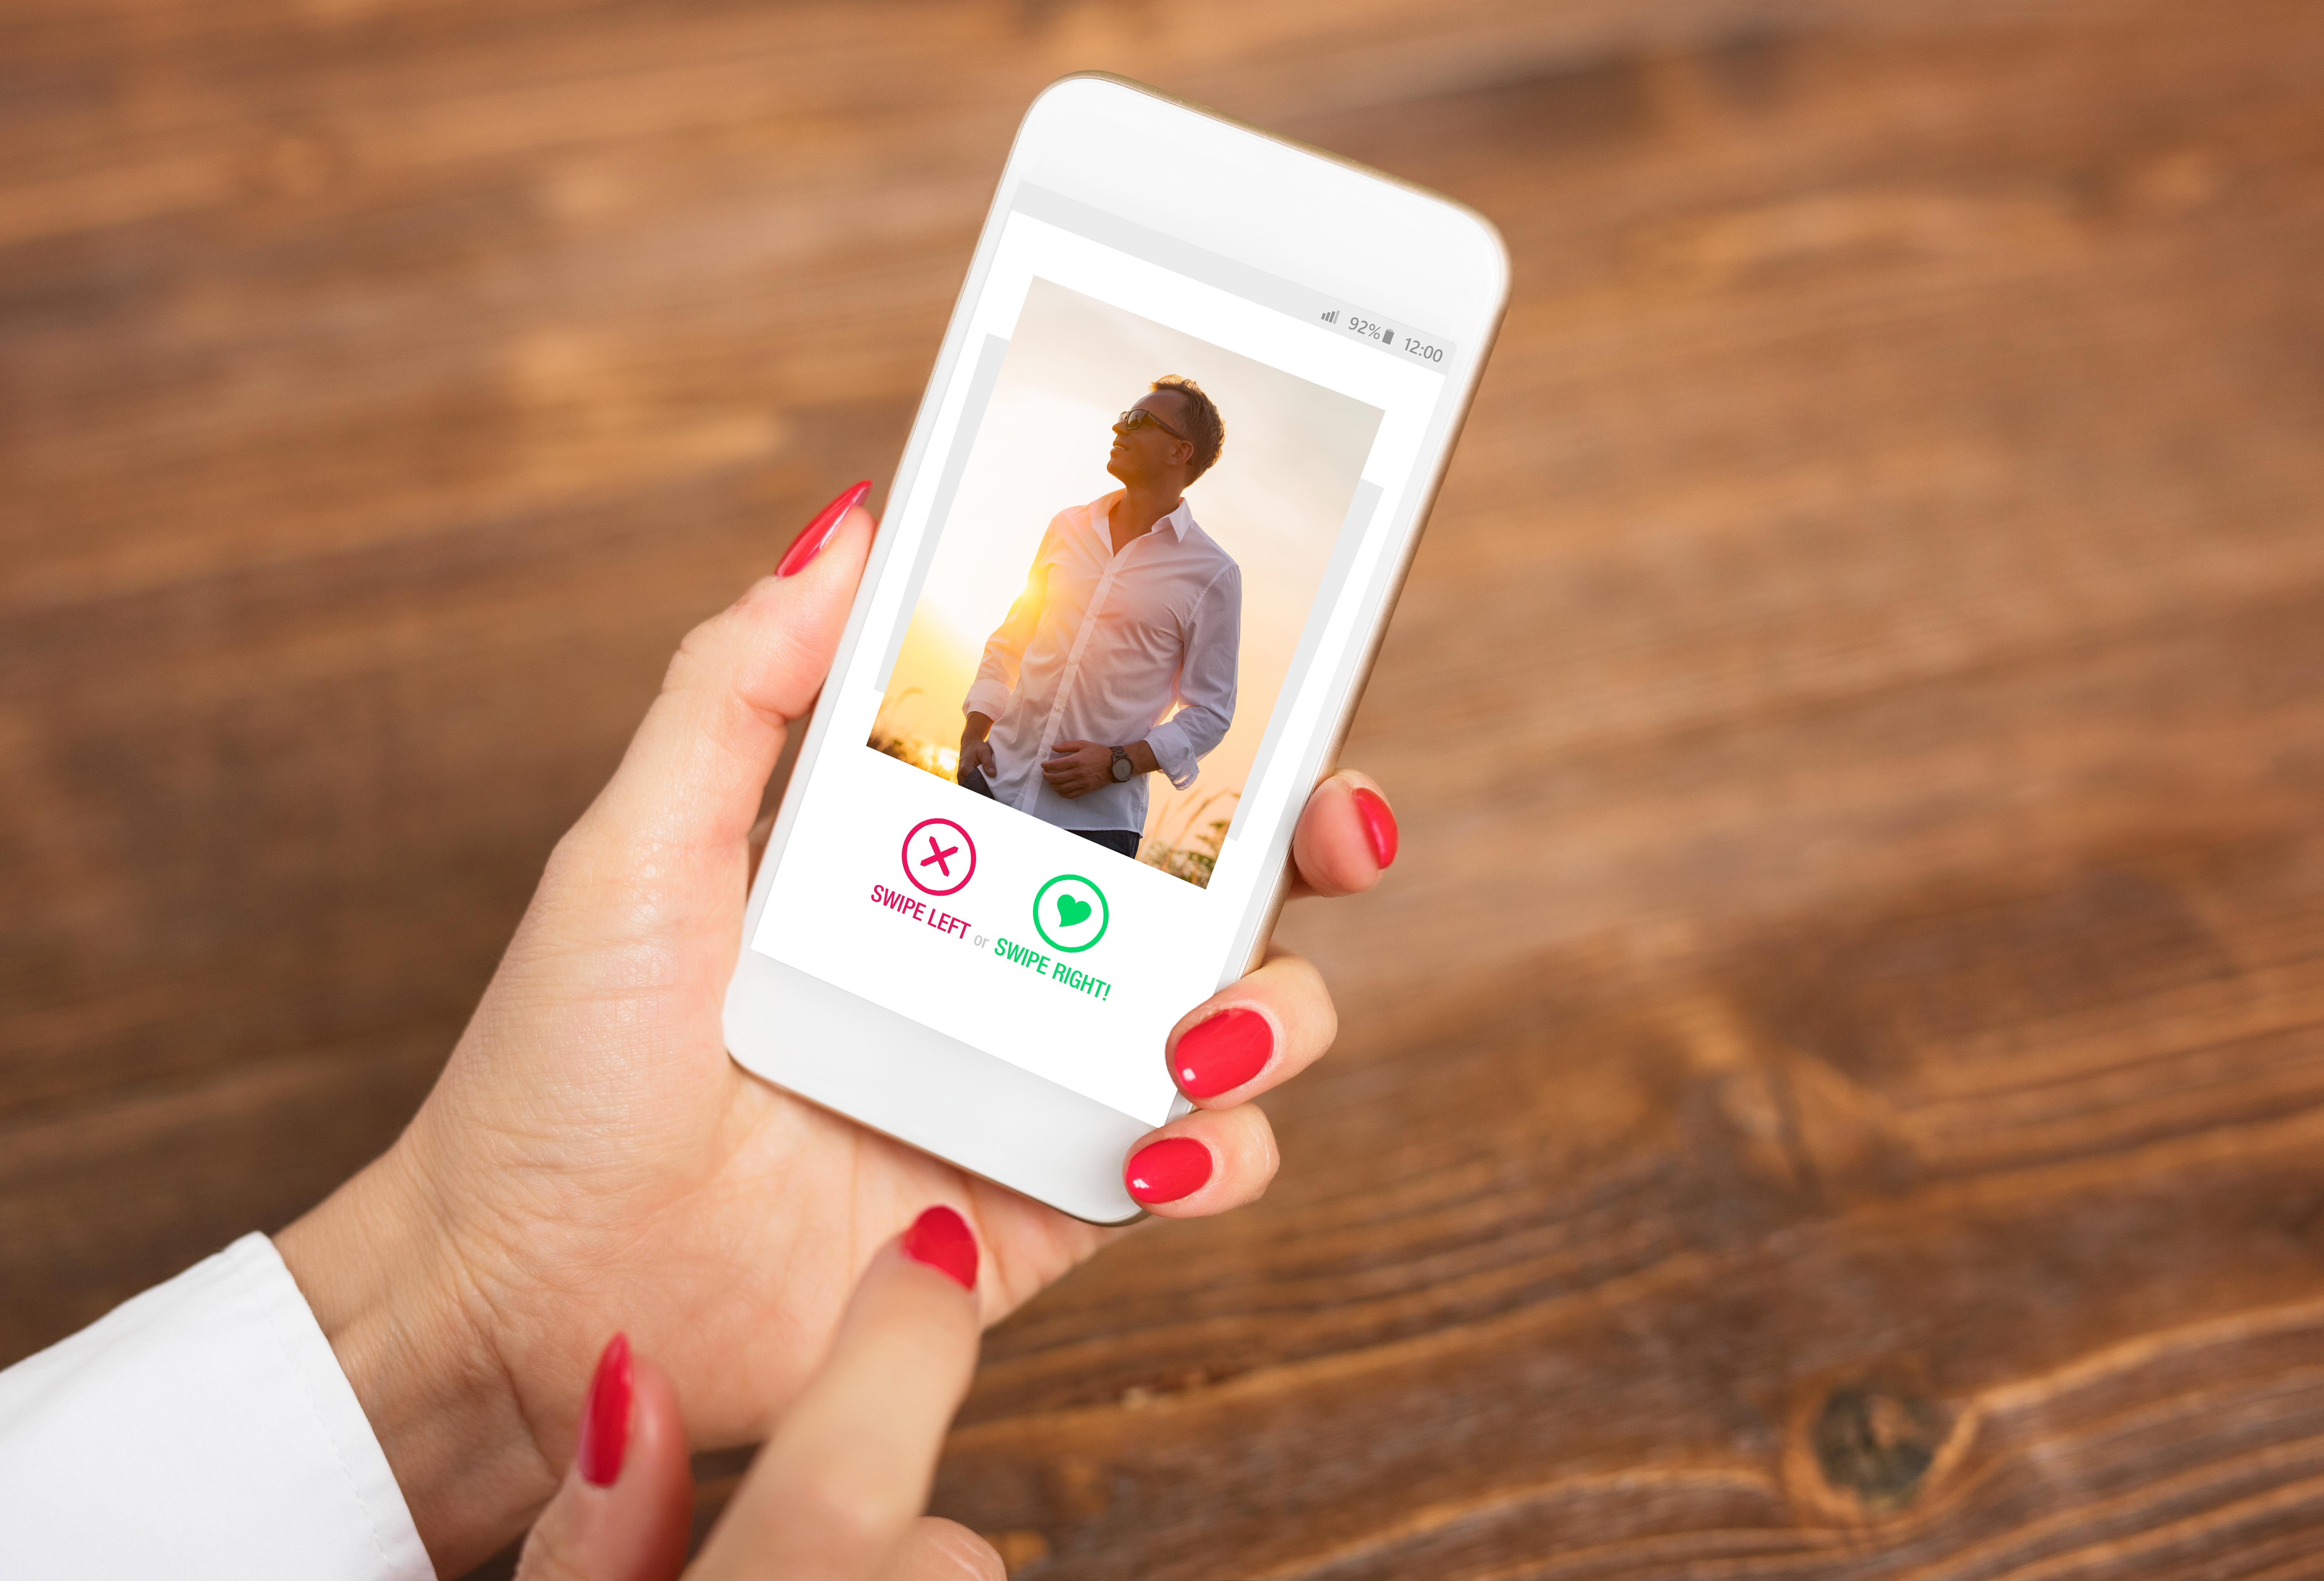 Mujer buscando citas sexuales en su teléfono